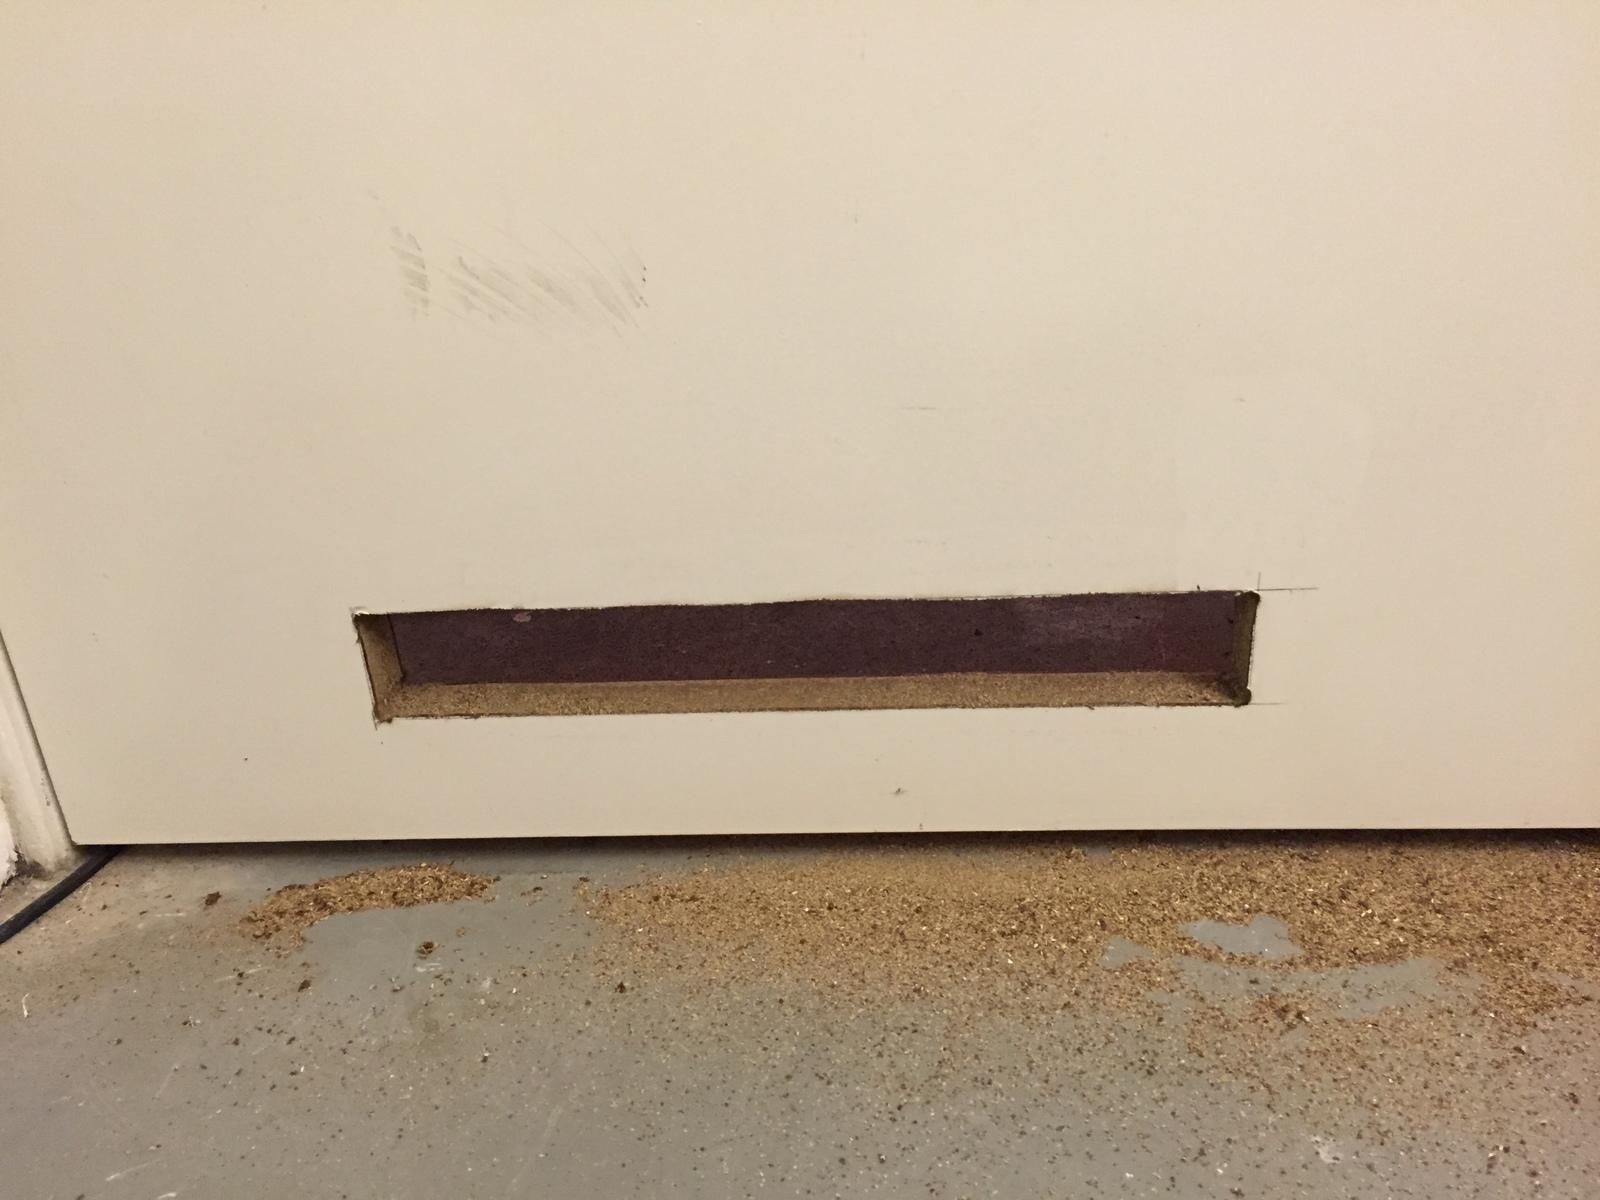 grille d 39 a ration encastr e dans la porte pour les makers. Black Bedroom Furniture Sets. Home Design Ideas